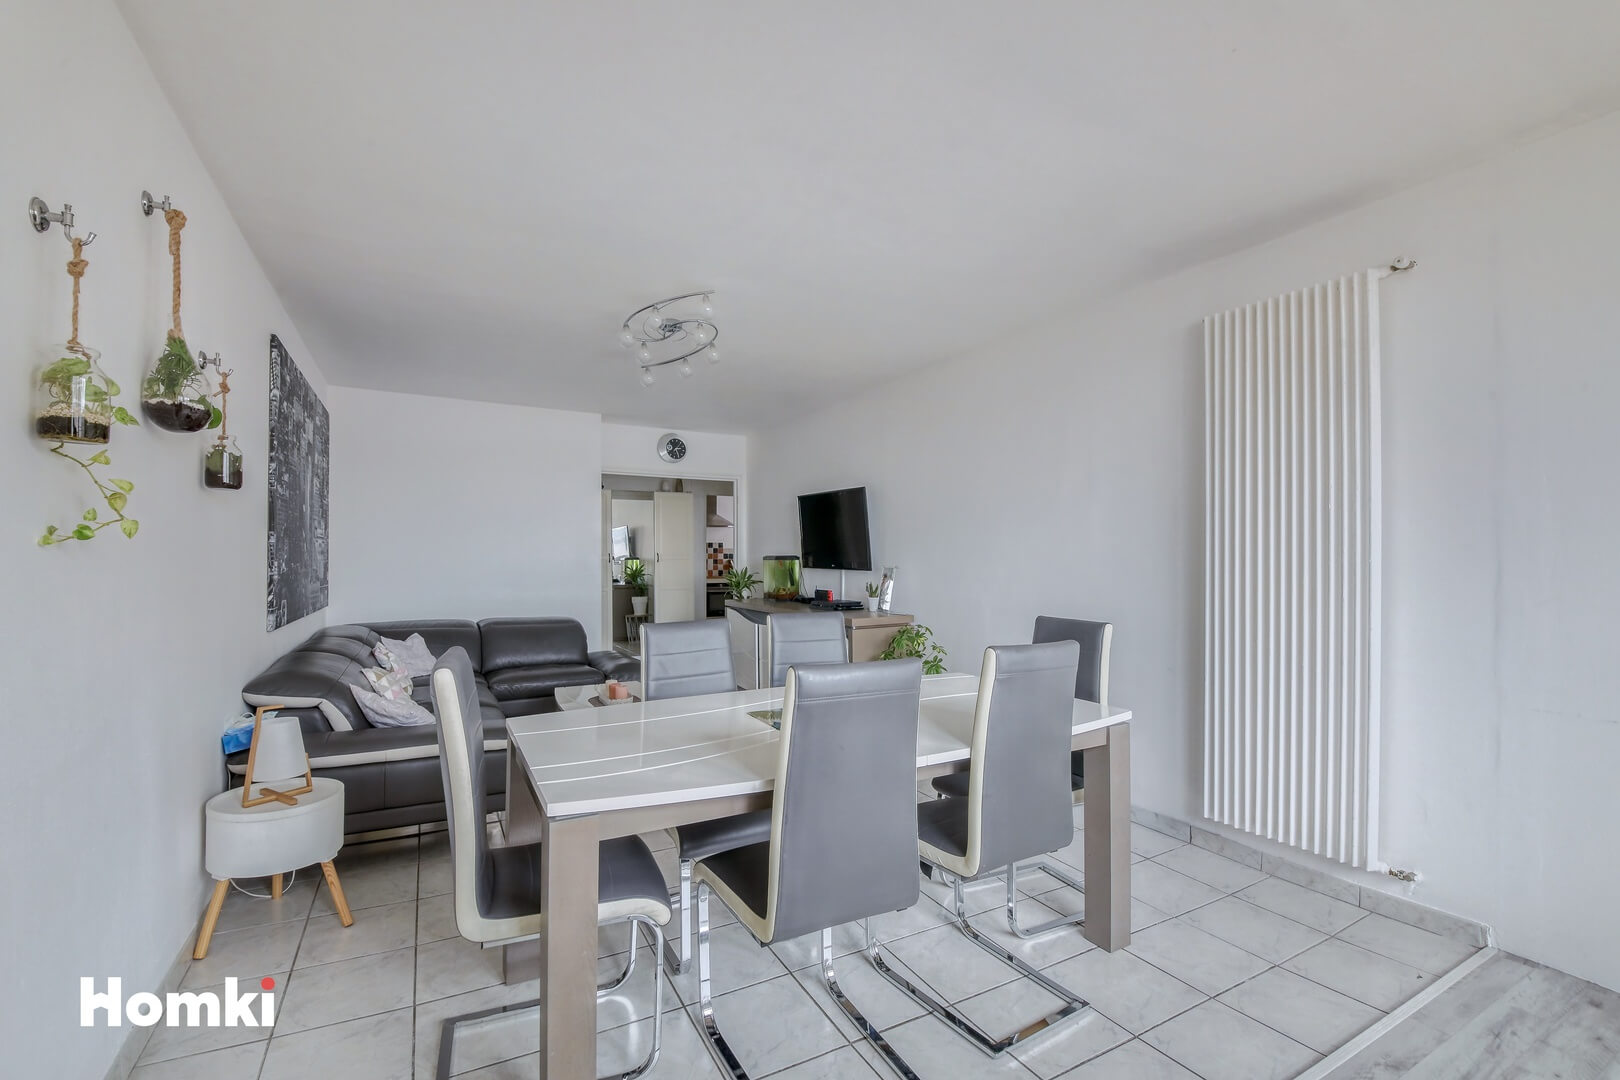 Homki - Vente Appartement  de 89.0 m² à Vitrolles 13127